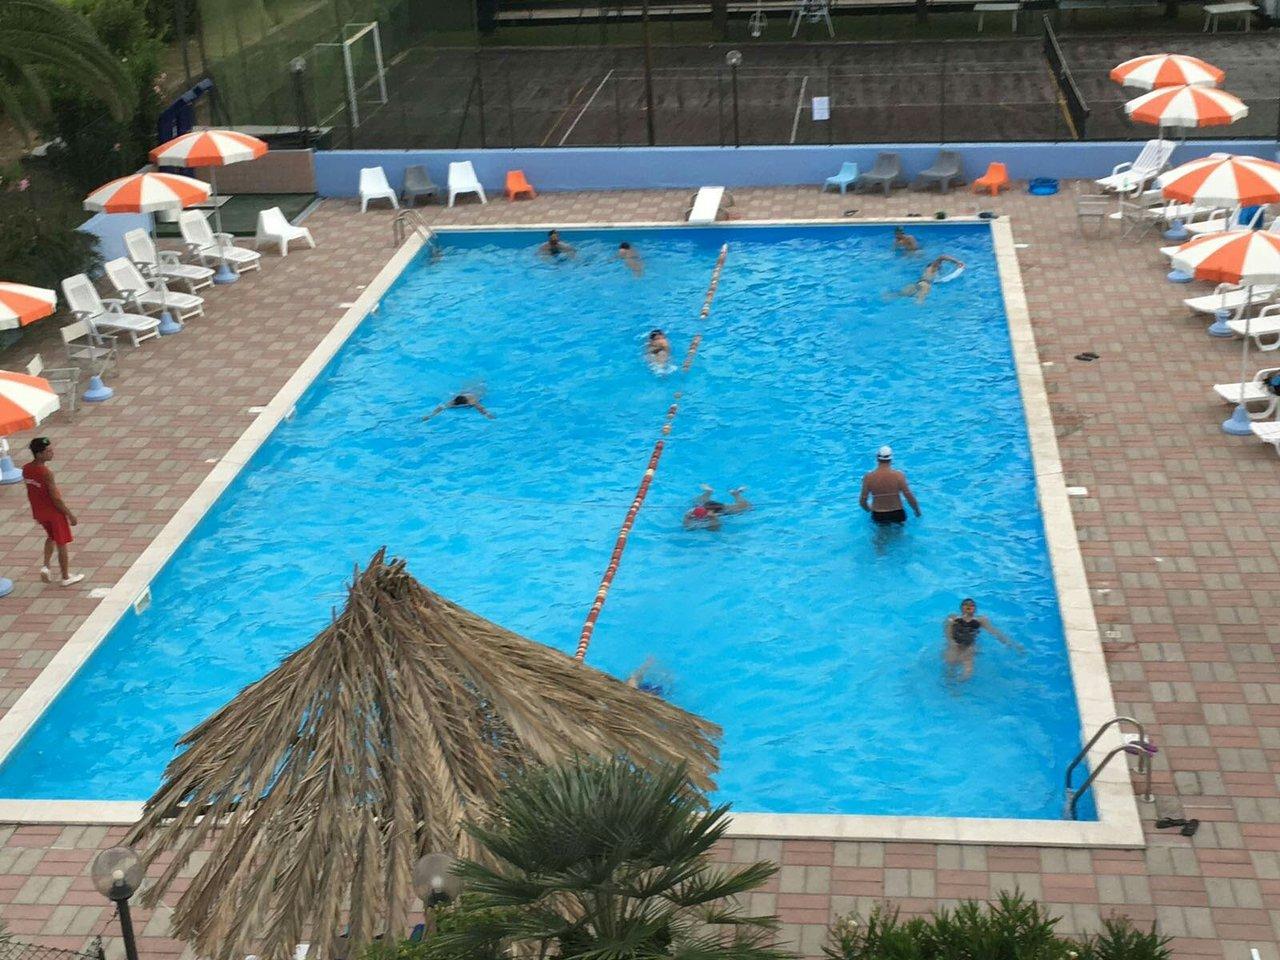 Acqua Azzurra Piscine piscina comunale a.s.d. acquazzurra (atri): aggiornato 2020